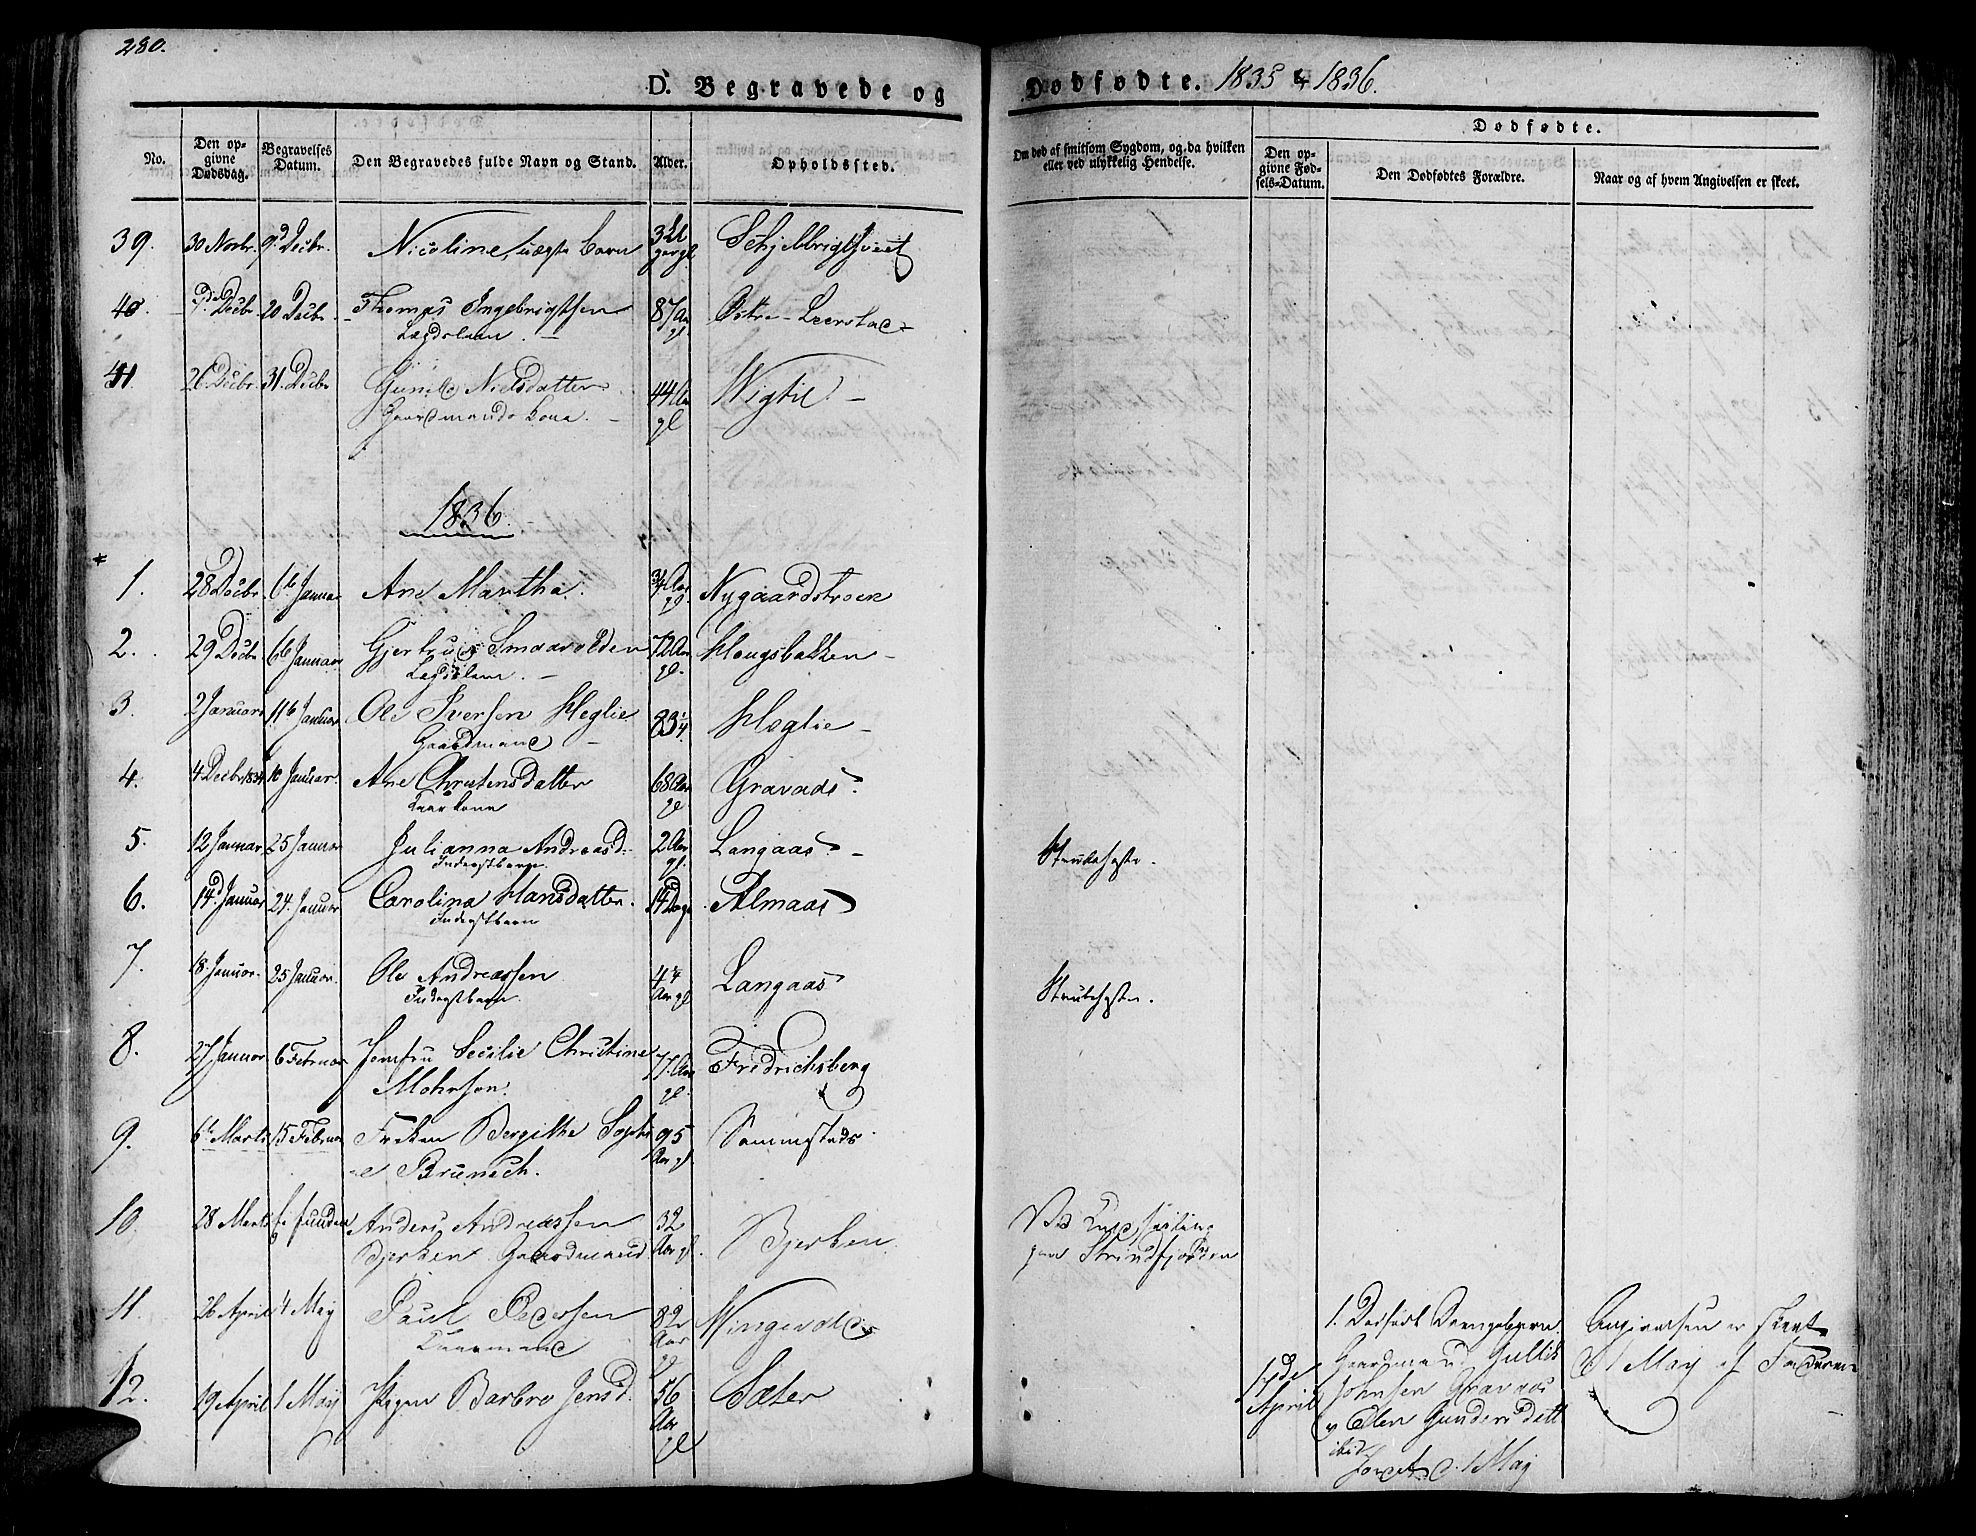 SAT, Ministerialprotokoller, klokkerbøker og fødselsregistre - Nord-Trøndelag, 701/L0006: Ministerialbok nr. 701A06, 1825-1841, s. 280